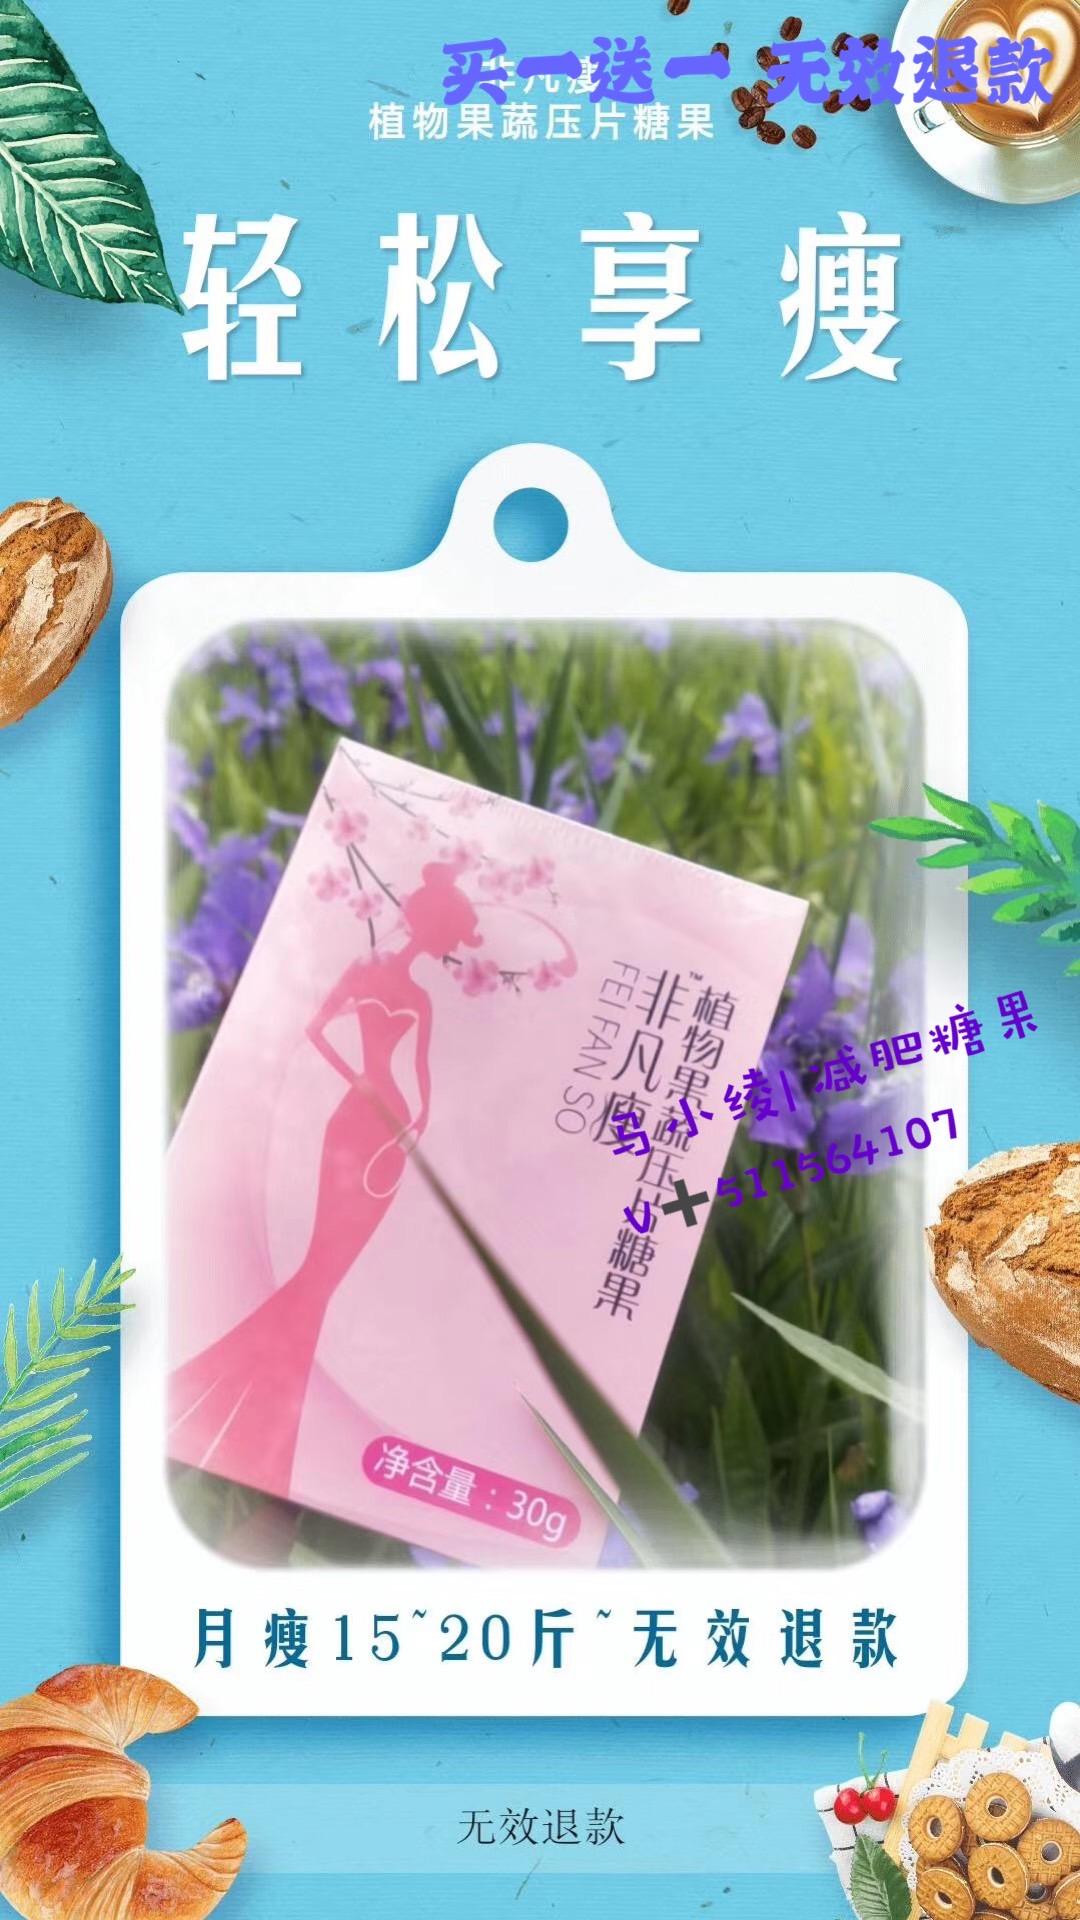 非凡瘦植物果蔬压片糖果有用么非凡瘦植物果蔬压片糖果的功效